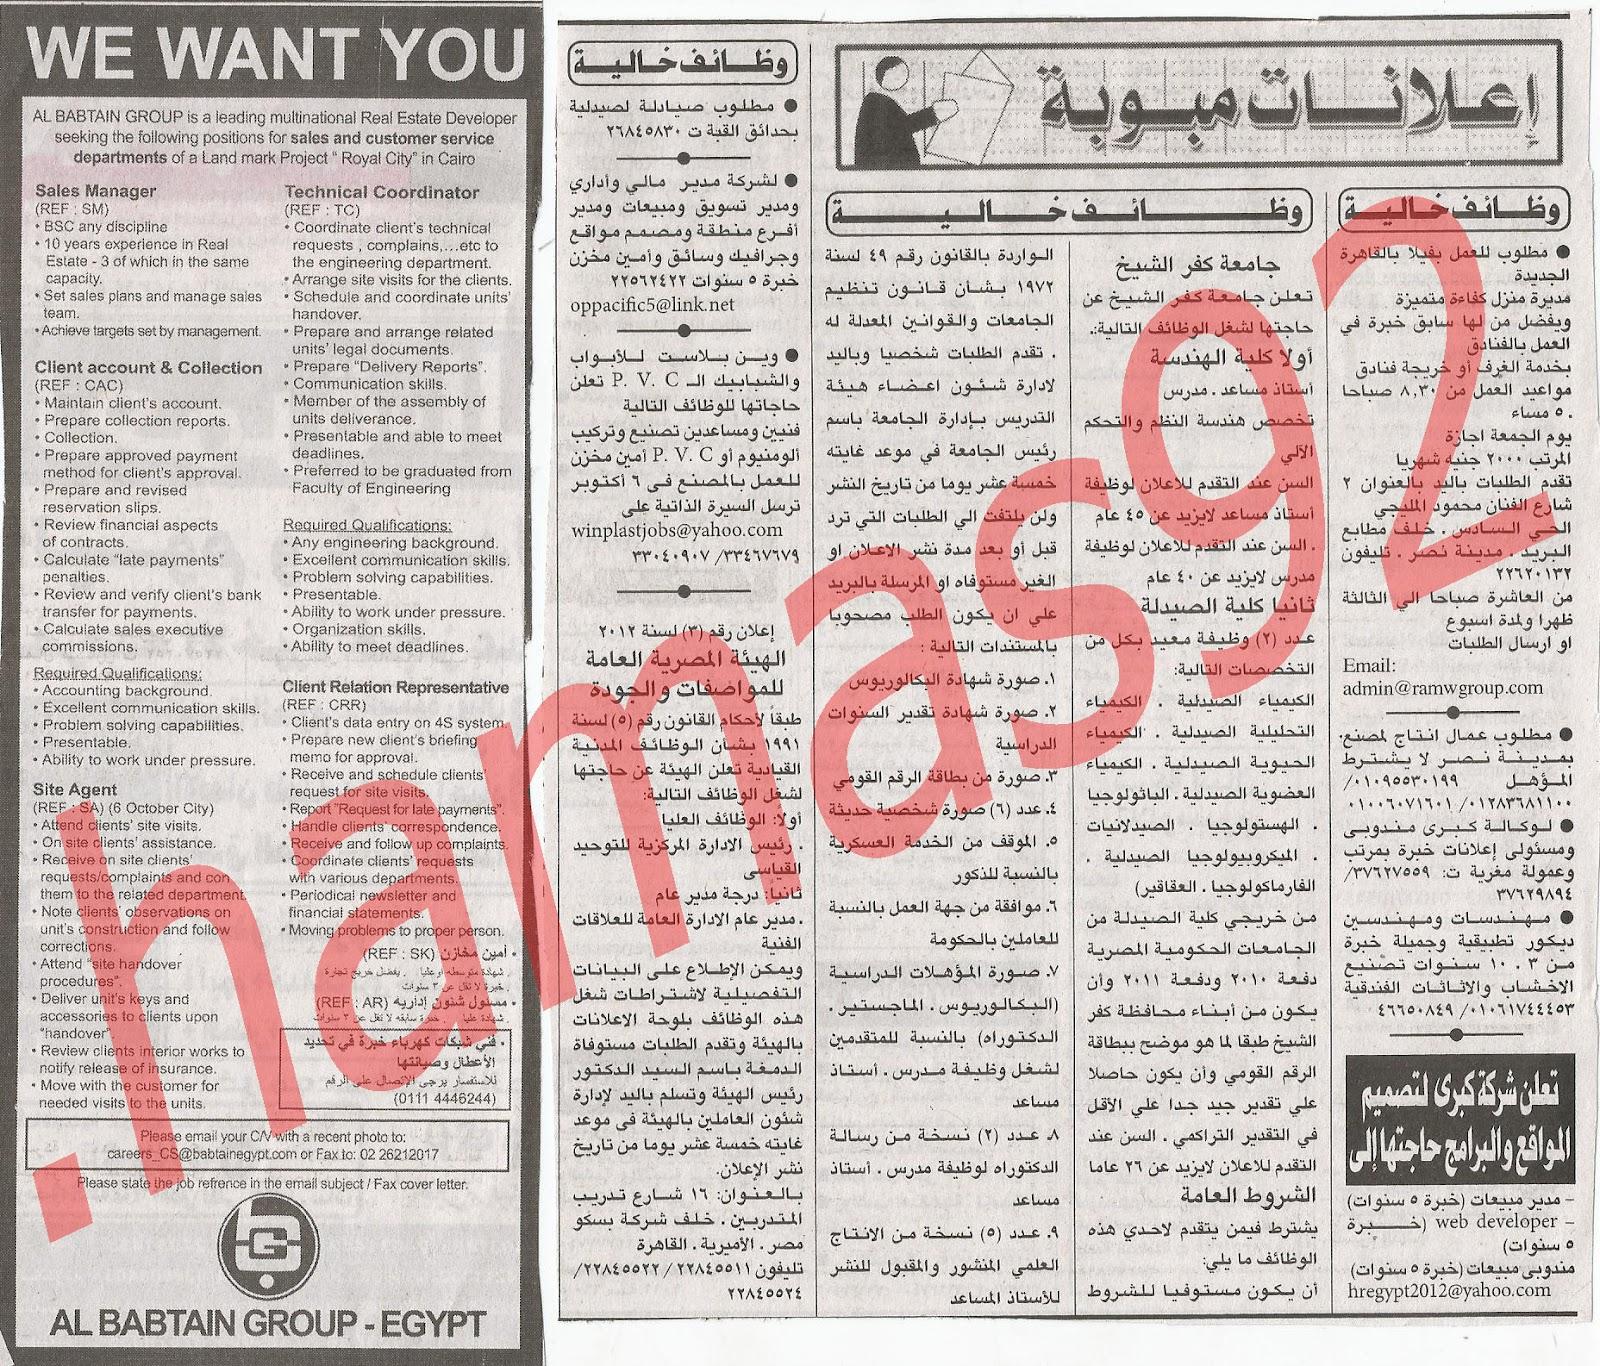 اعلانات وظائف جريدة الاهرام الجمعة 13/7/2012 كاملة - الاهرام الاسبوعى 5